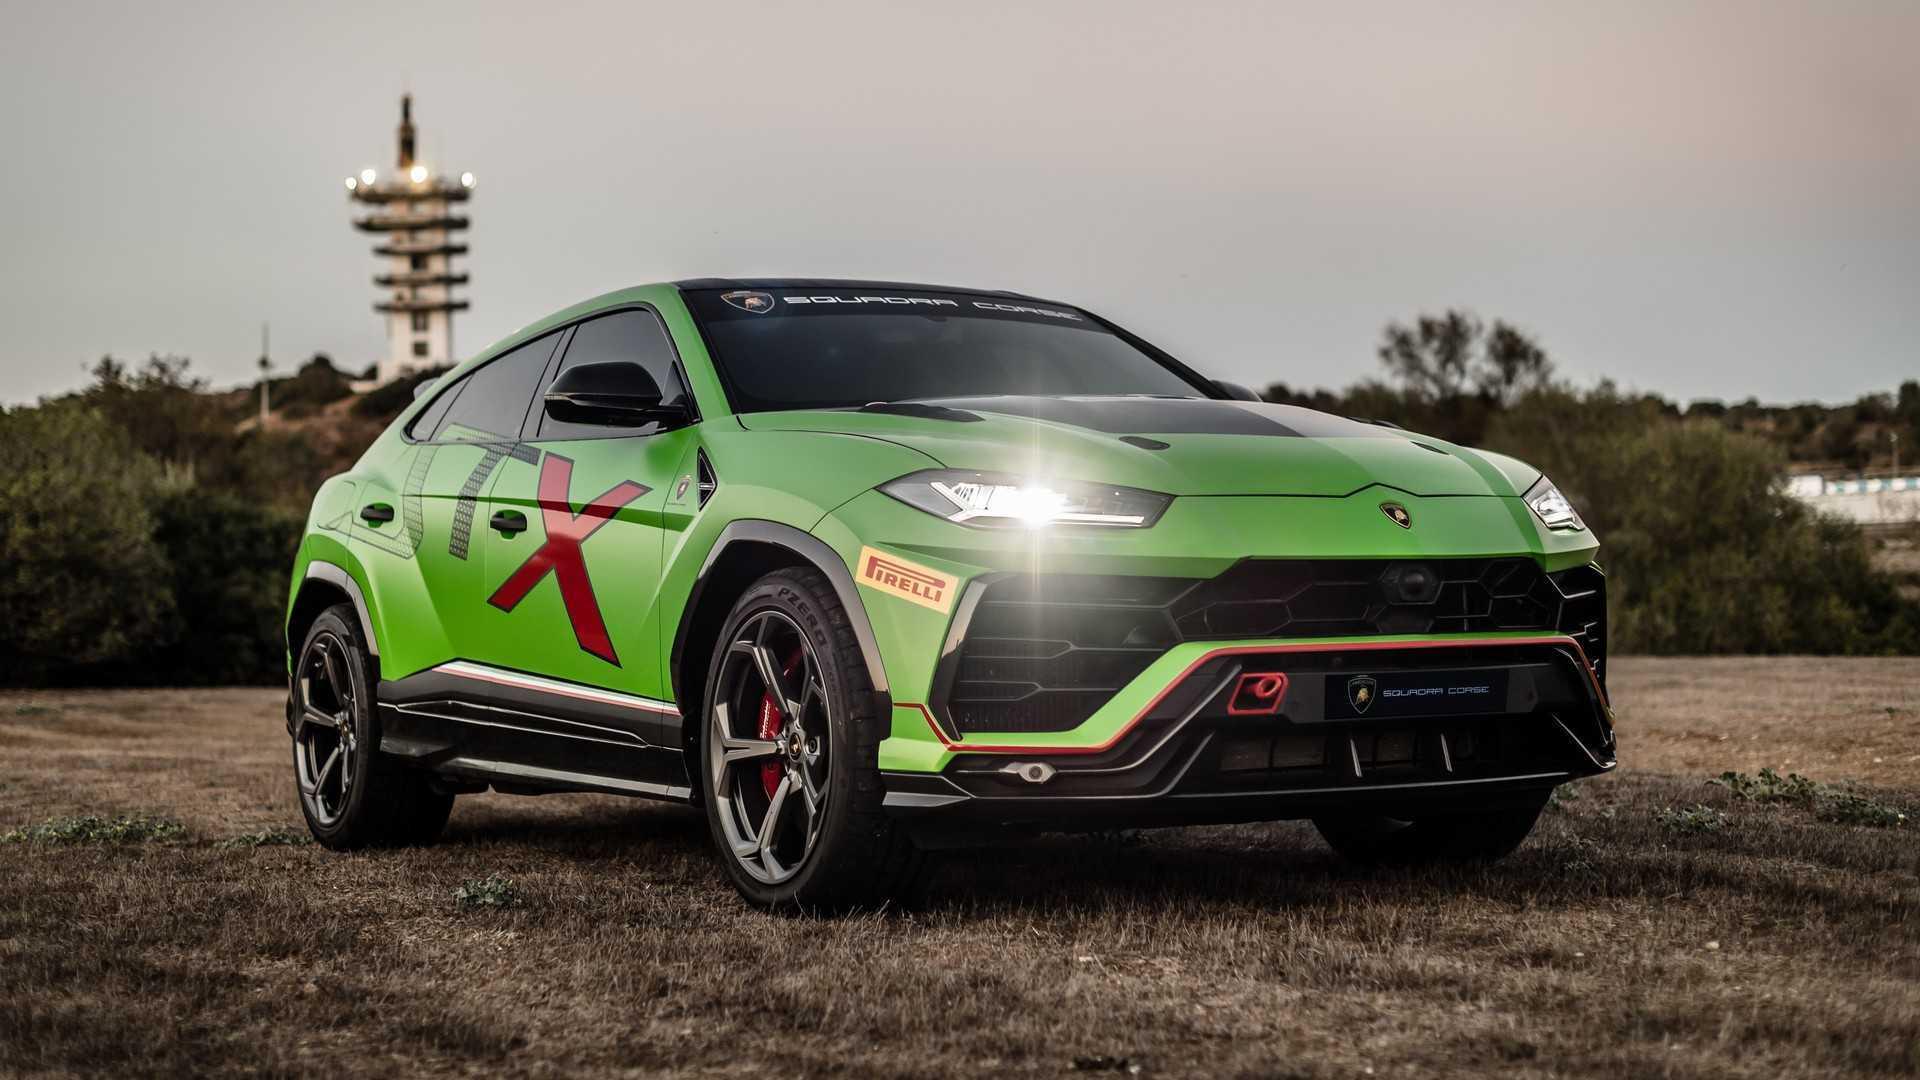 Ngắm siêu xe Lamborghini Urus phiên bản xe đua cực chất